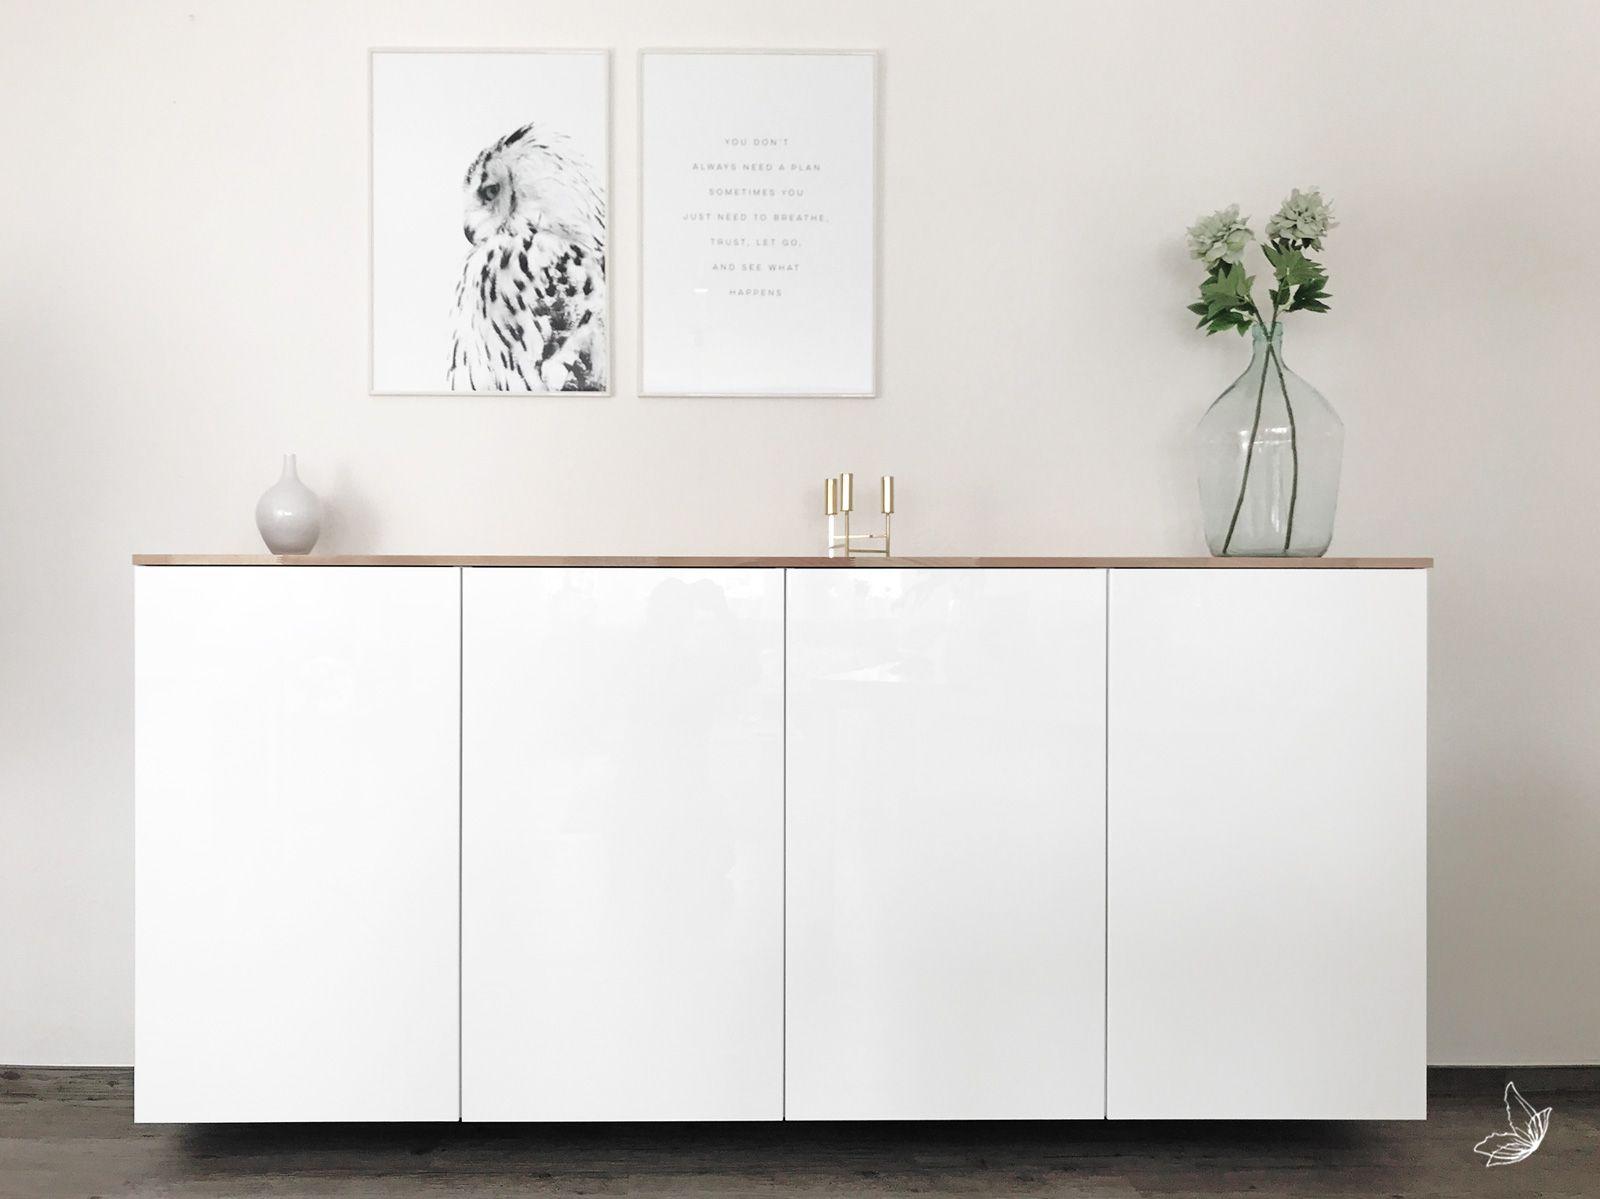 Full Size of Ikea Hack Metod Kchenschrank Als Sideboard Kche Wohnzimmer Küche Kaufen Miniküche Kosten Sofa Mit Schlaffunktion Modulküche Betten Bei 160x200 Arbeitsplatte Wohnzimmer Ikea Sideboard